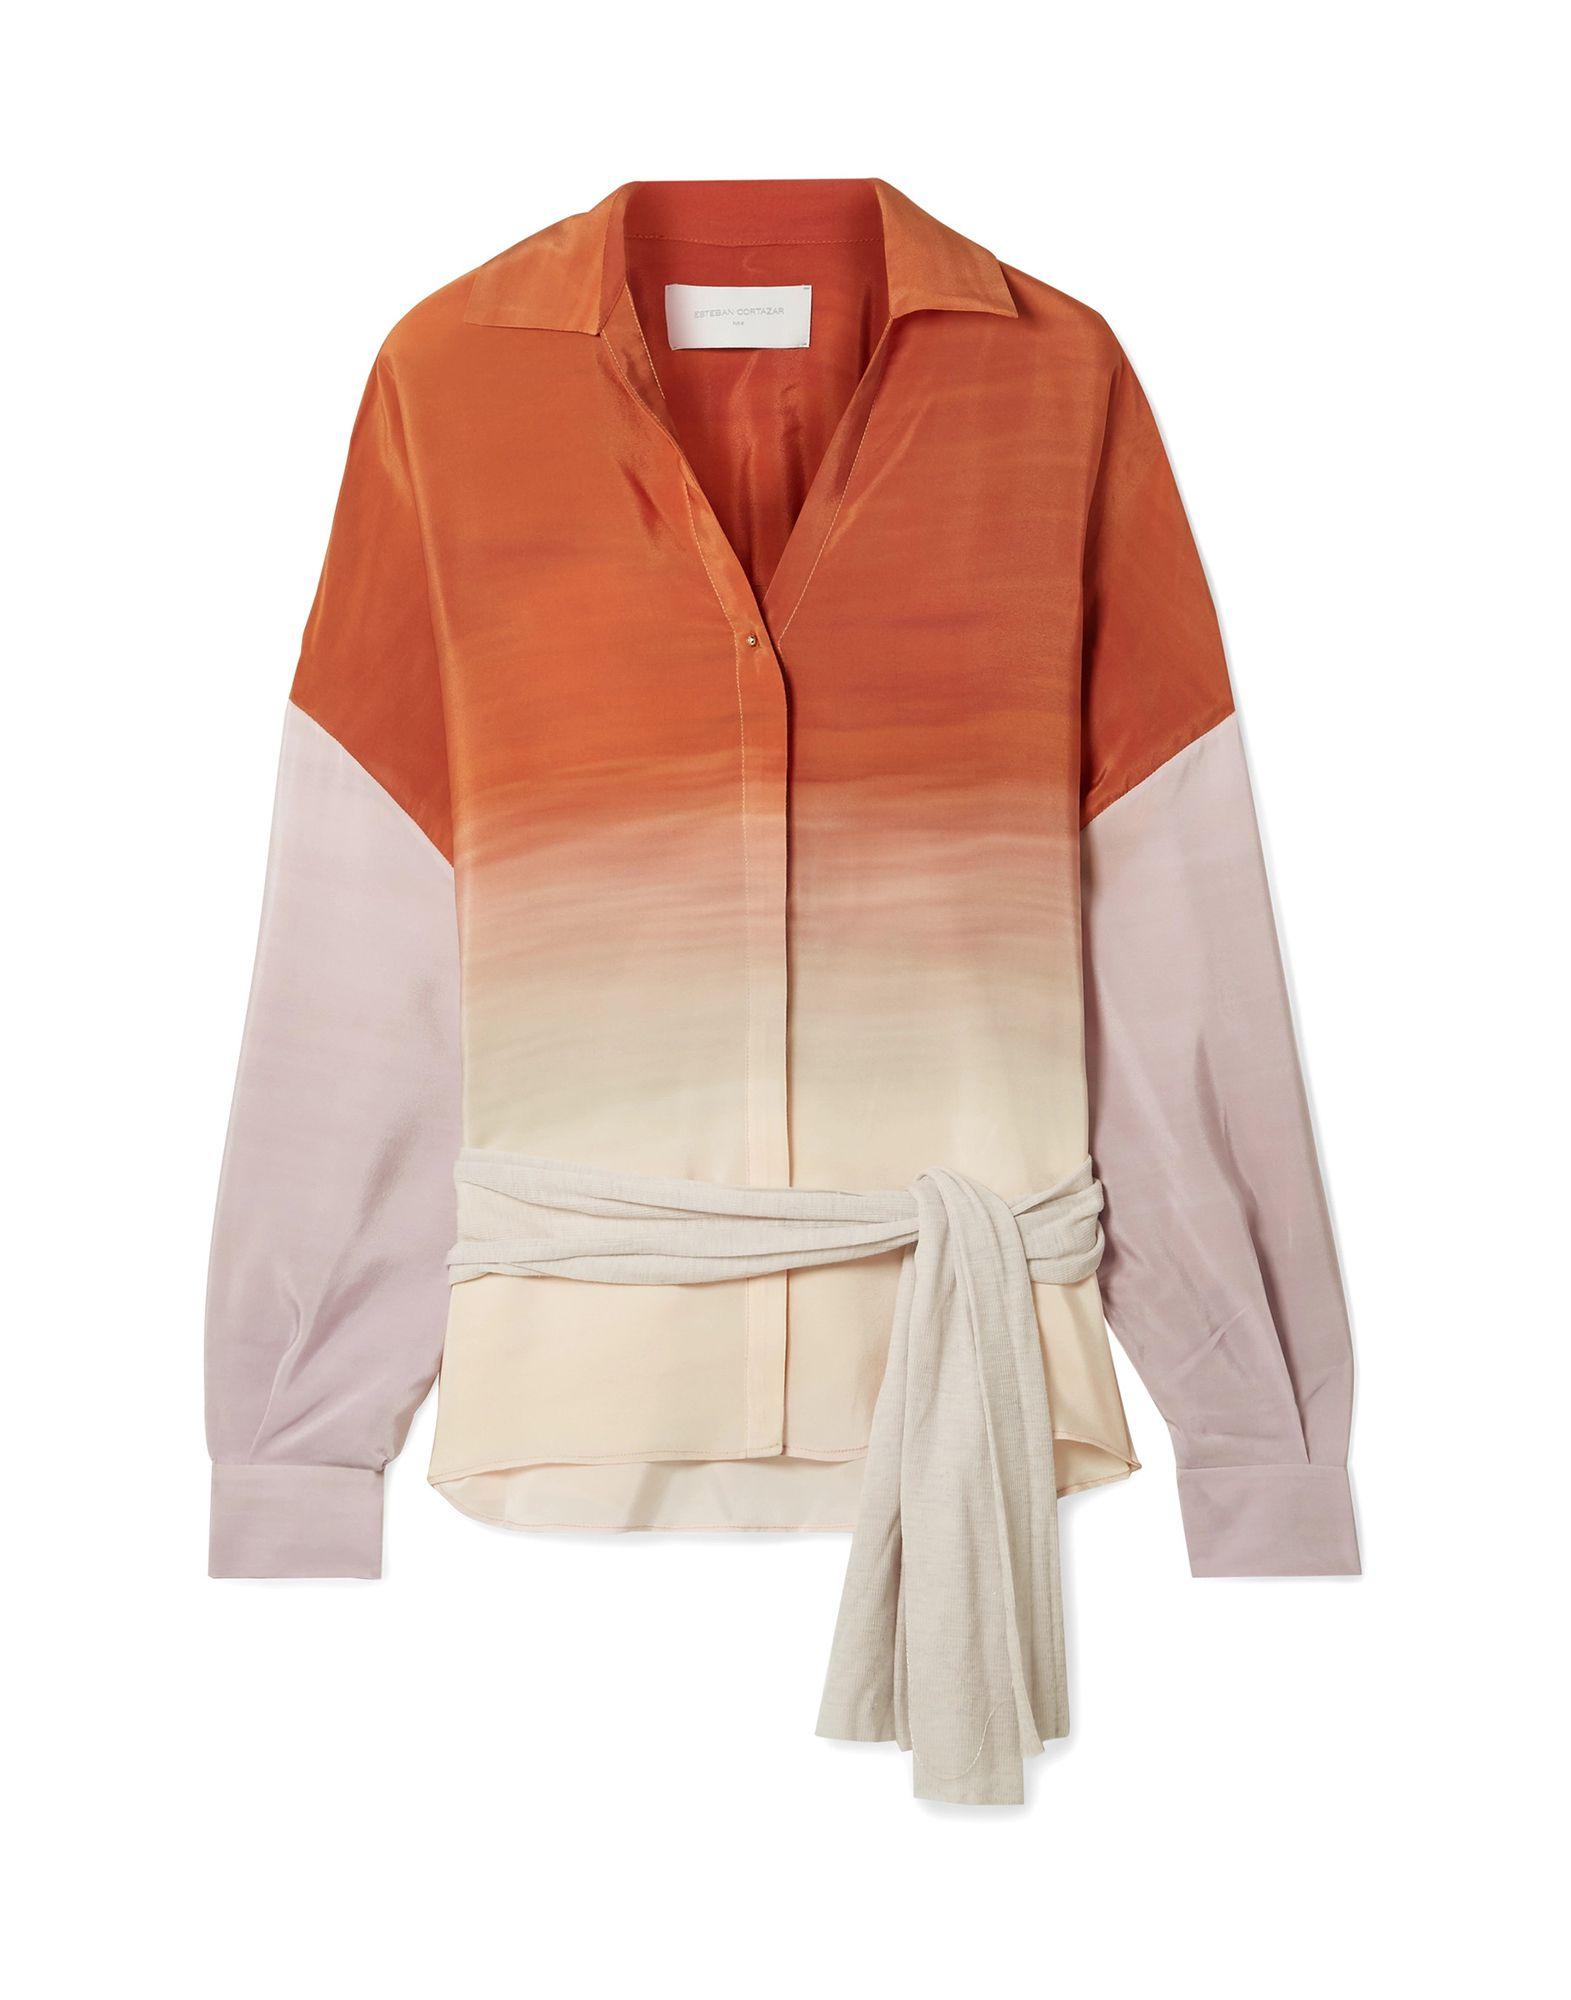 《セール開催中》ESTEBAN CORTAZAR レディース シャツ オレンジ 40 シルク 100% / ウール / ナイロン